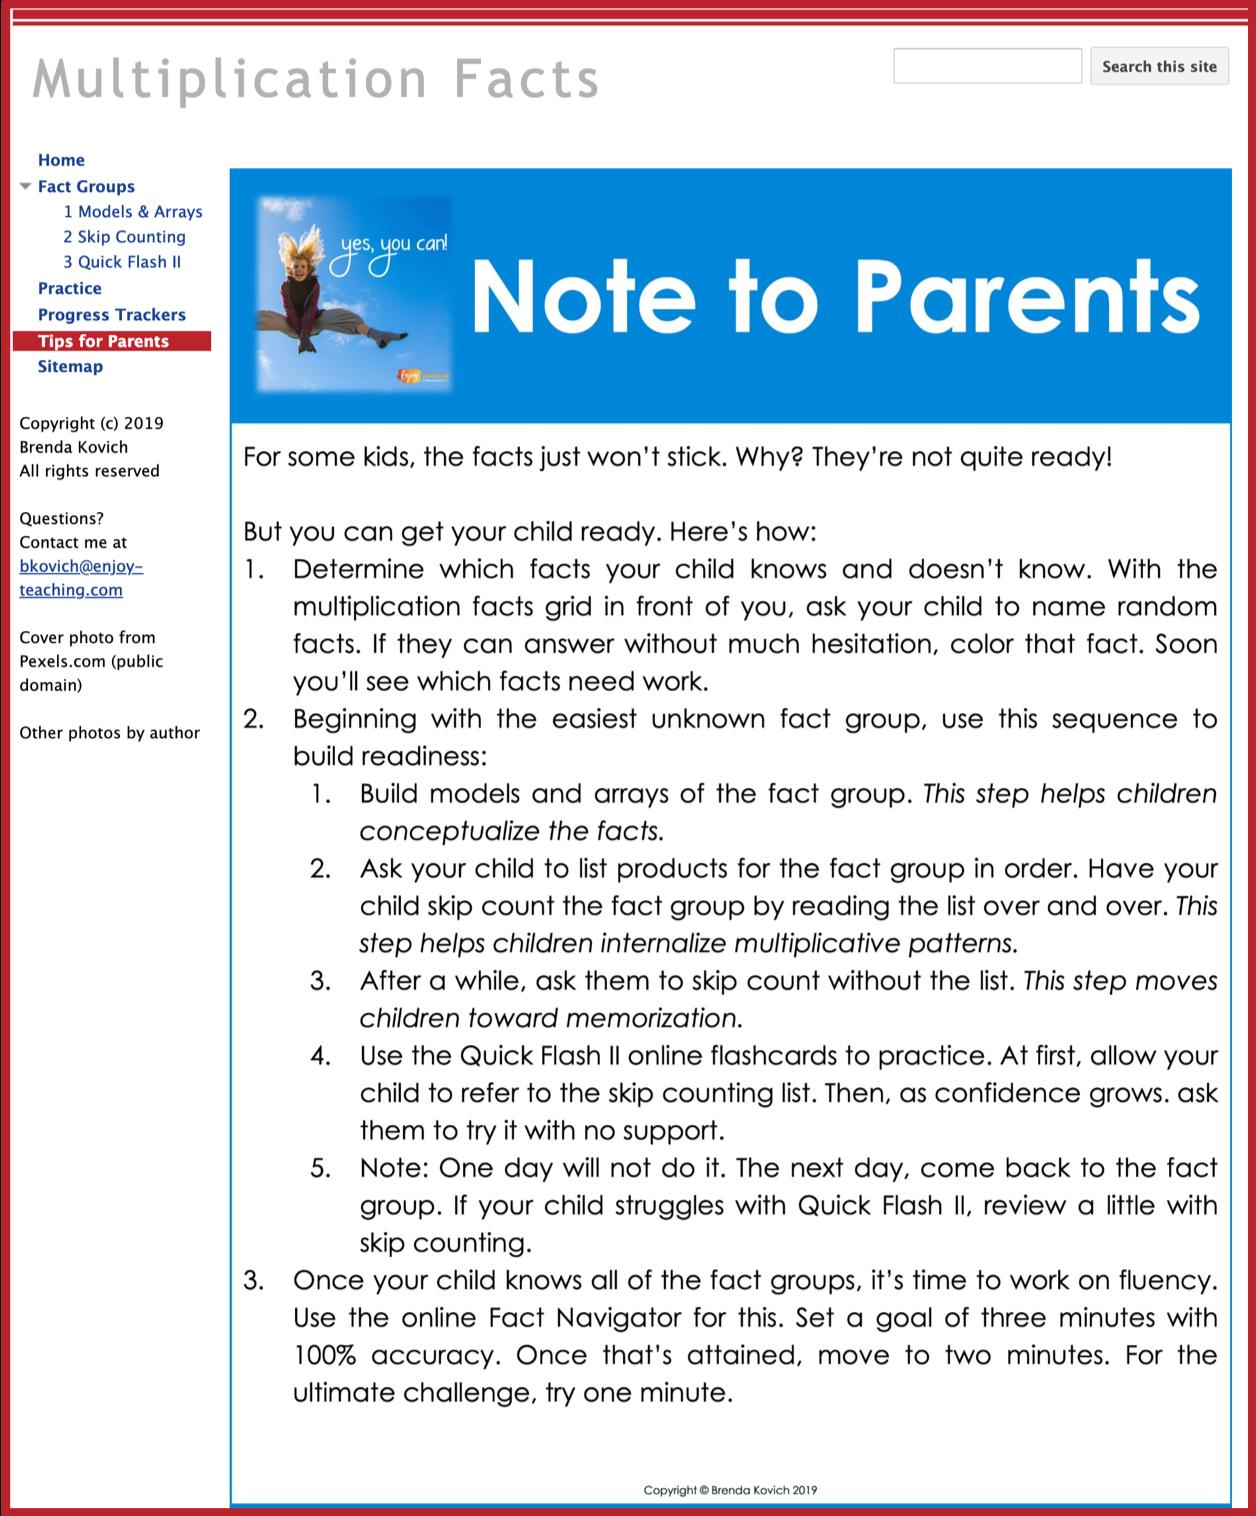 Dlsz Notes Homework Site✏️ - Best Essay Writing Service in Hong Kong👨🎓